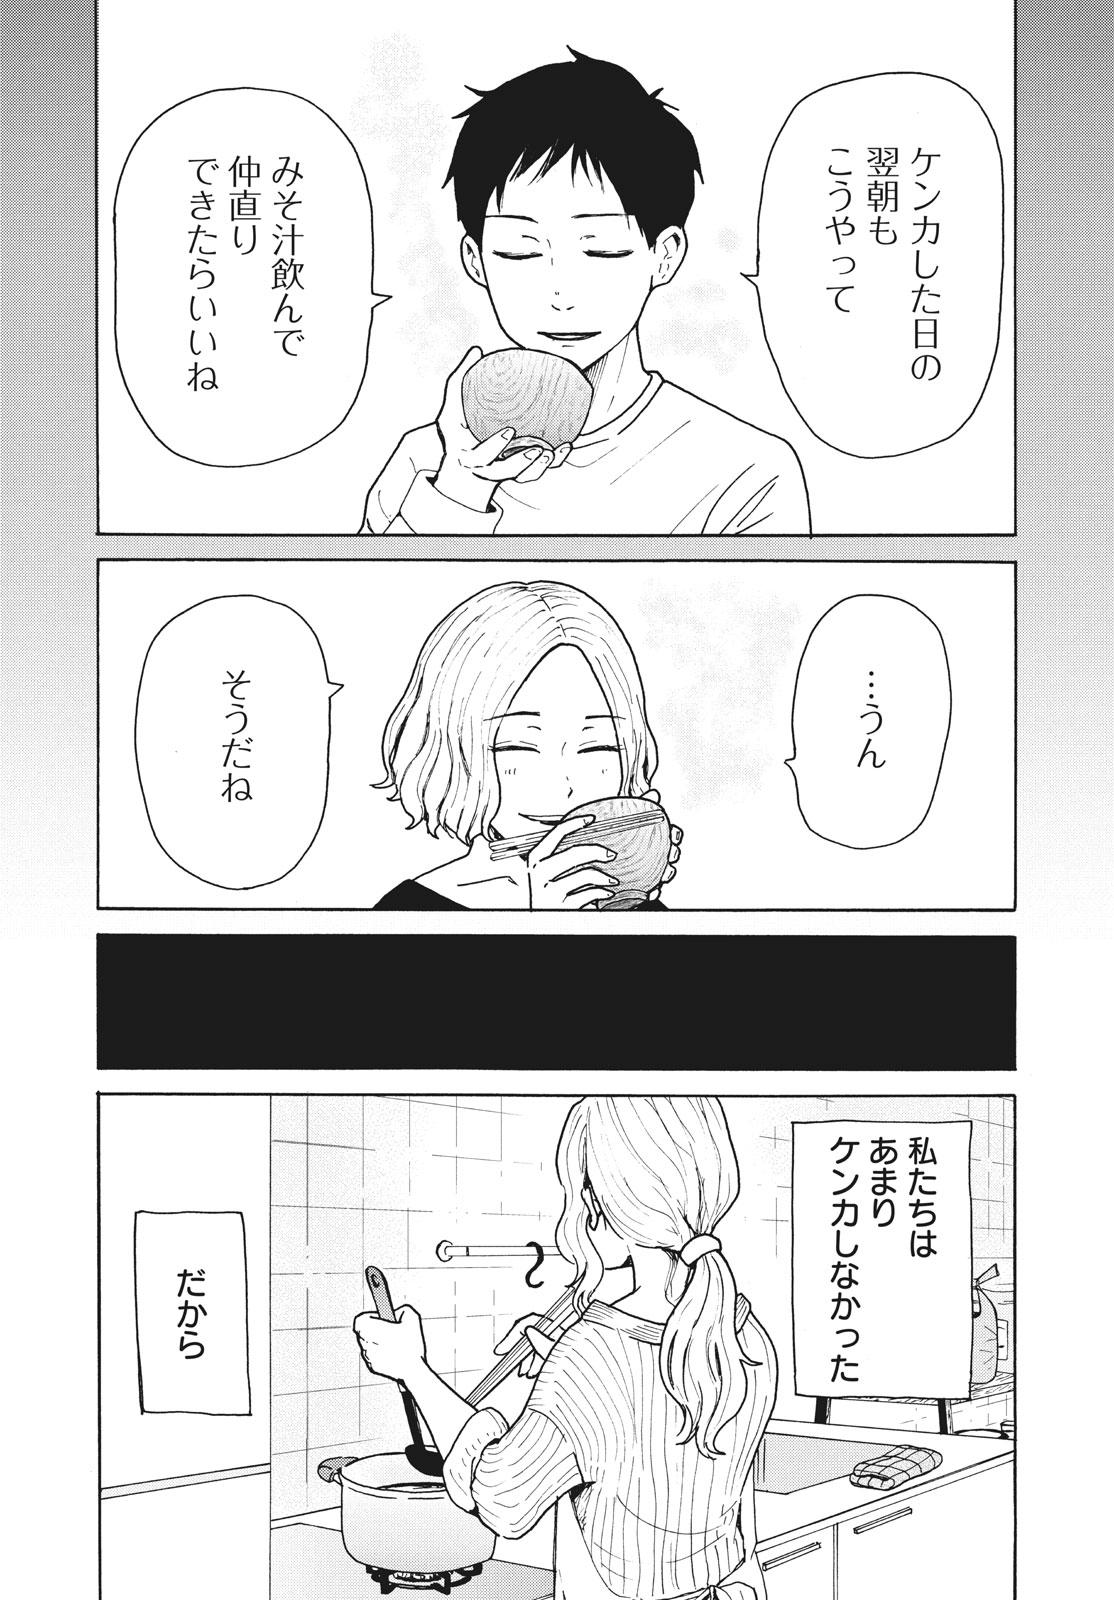 008_30日_2020_007_E.jpg